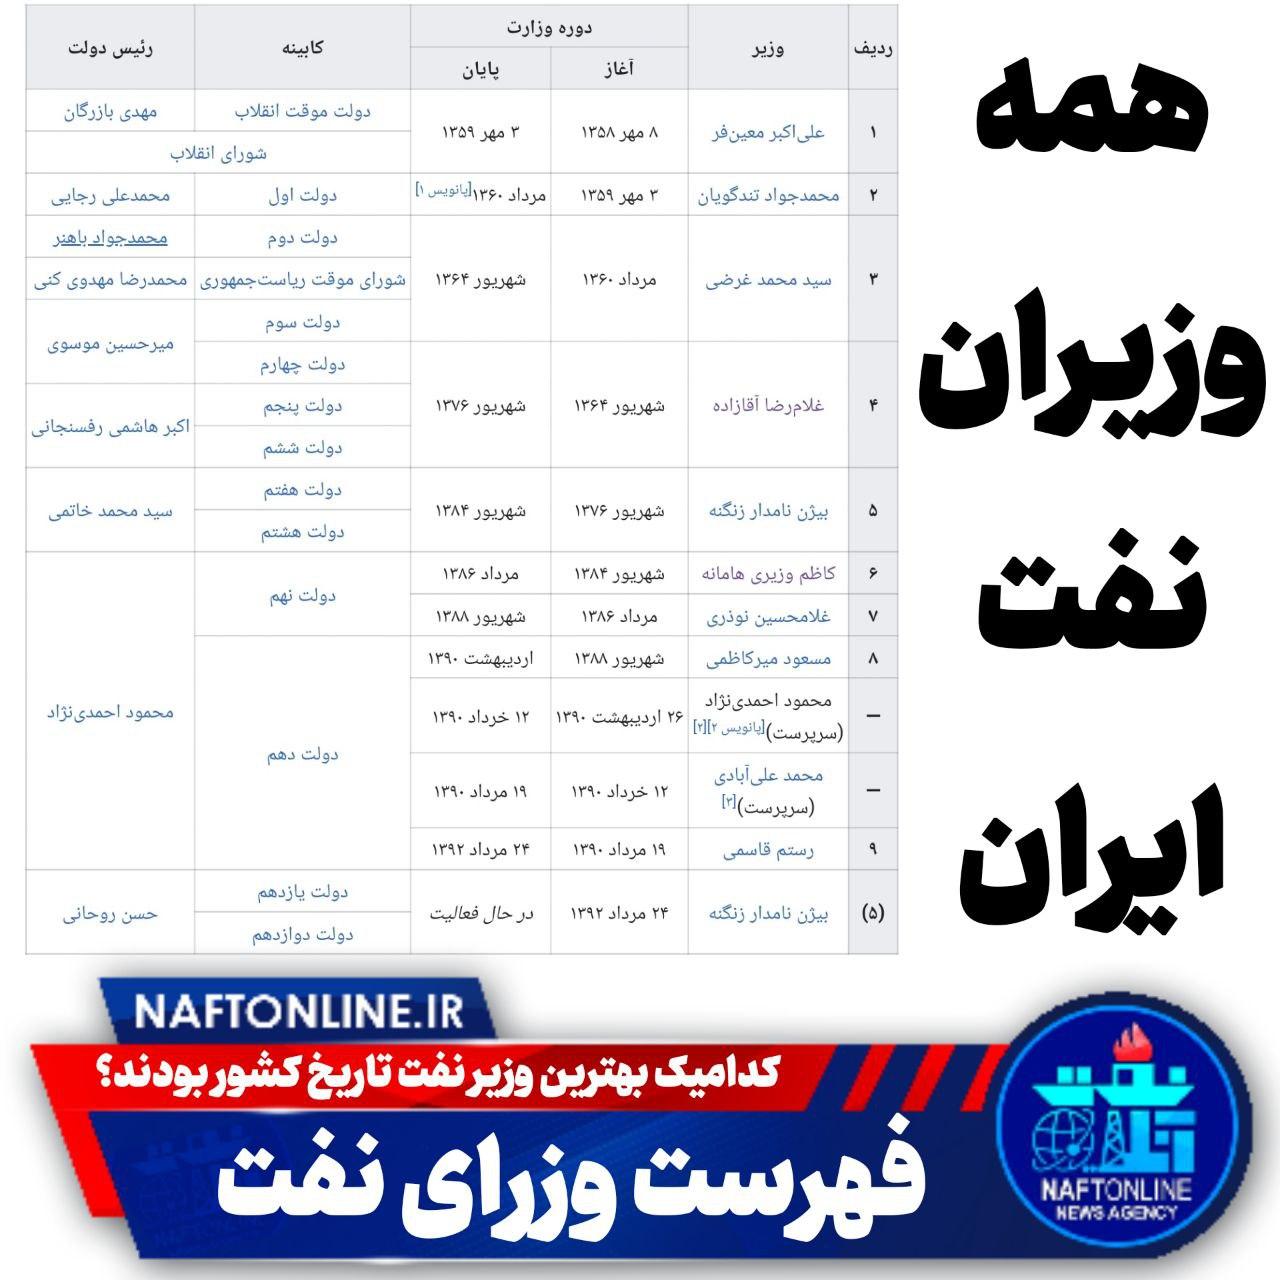 همه وزرای نفت ایران | نفت آنلاین